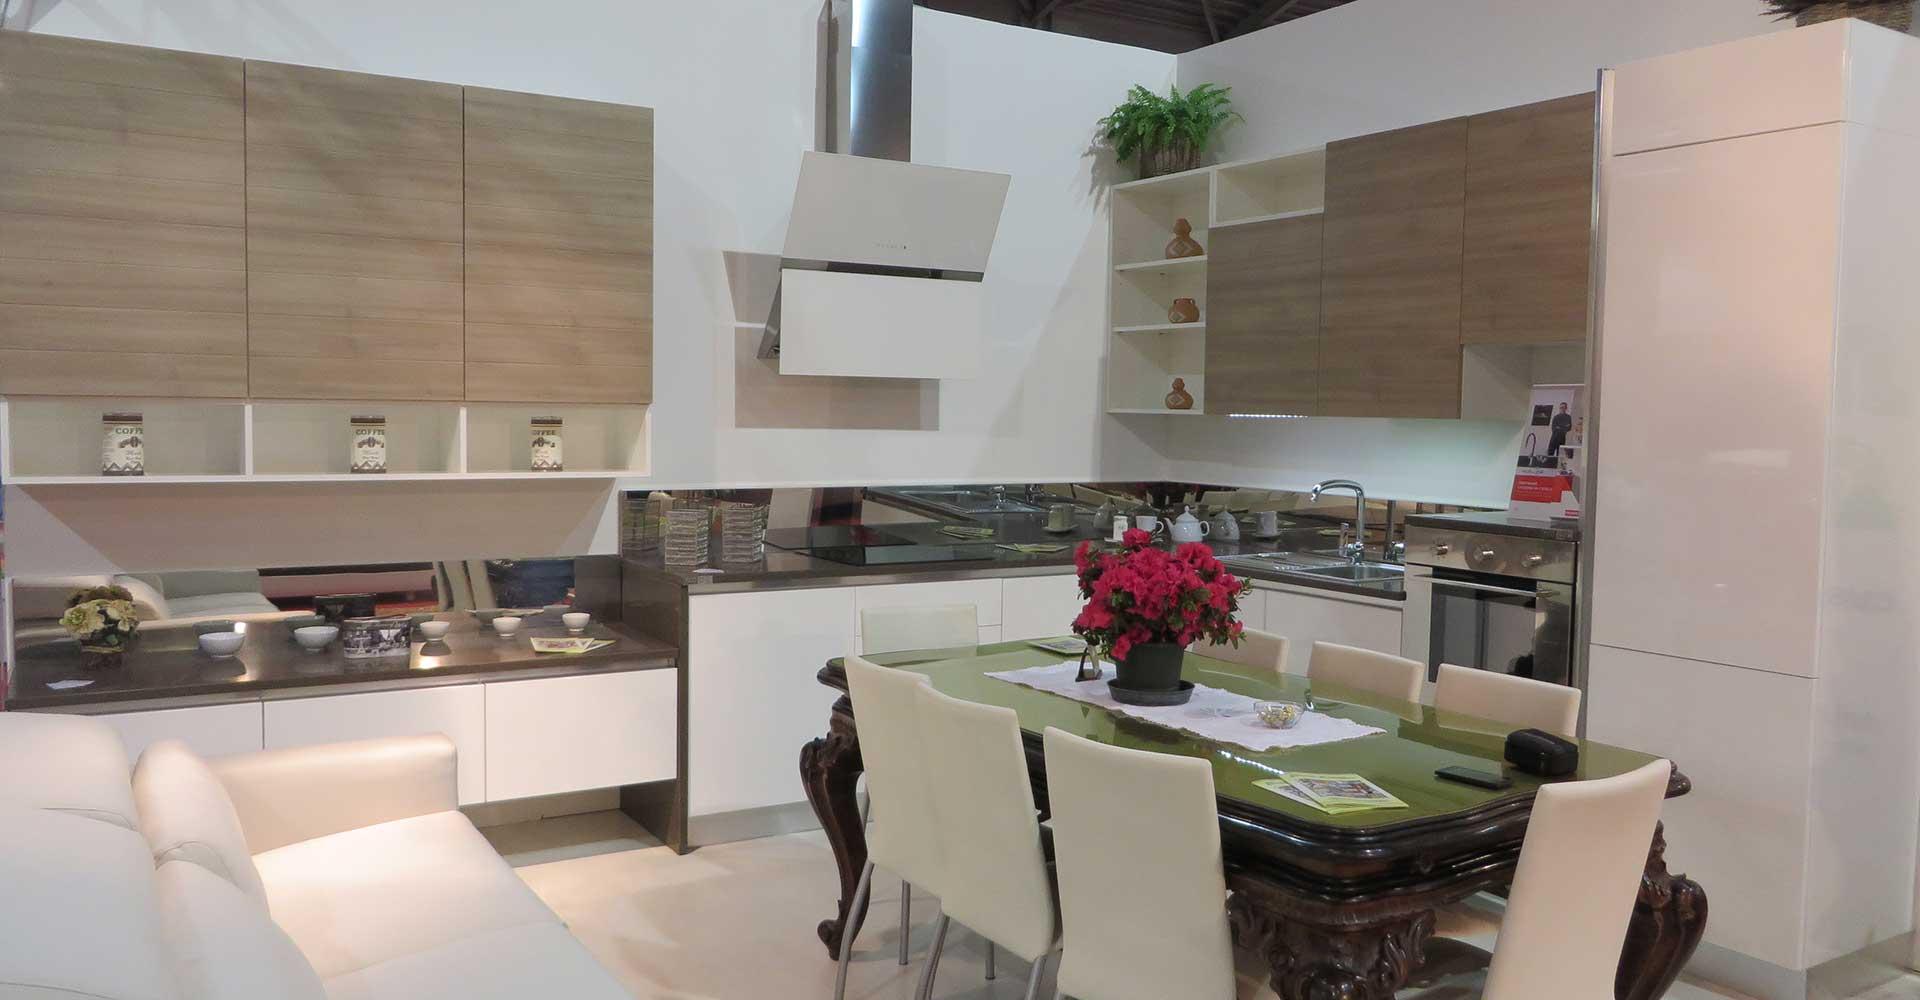 Cucine | Elettrodomestici | Soggiorni | Camere | Divani | Camerette | Materassi | Bagni | Traslochi | Usato | Bonus Mobili 2015 | Arredamento casa Pordenone